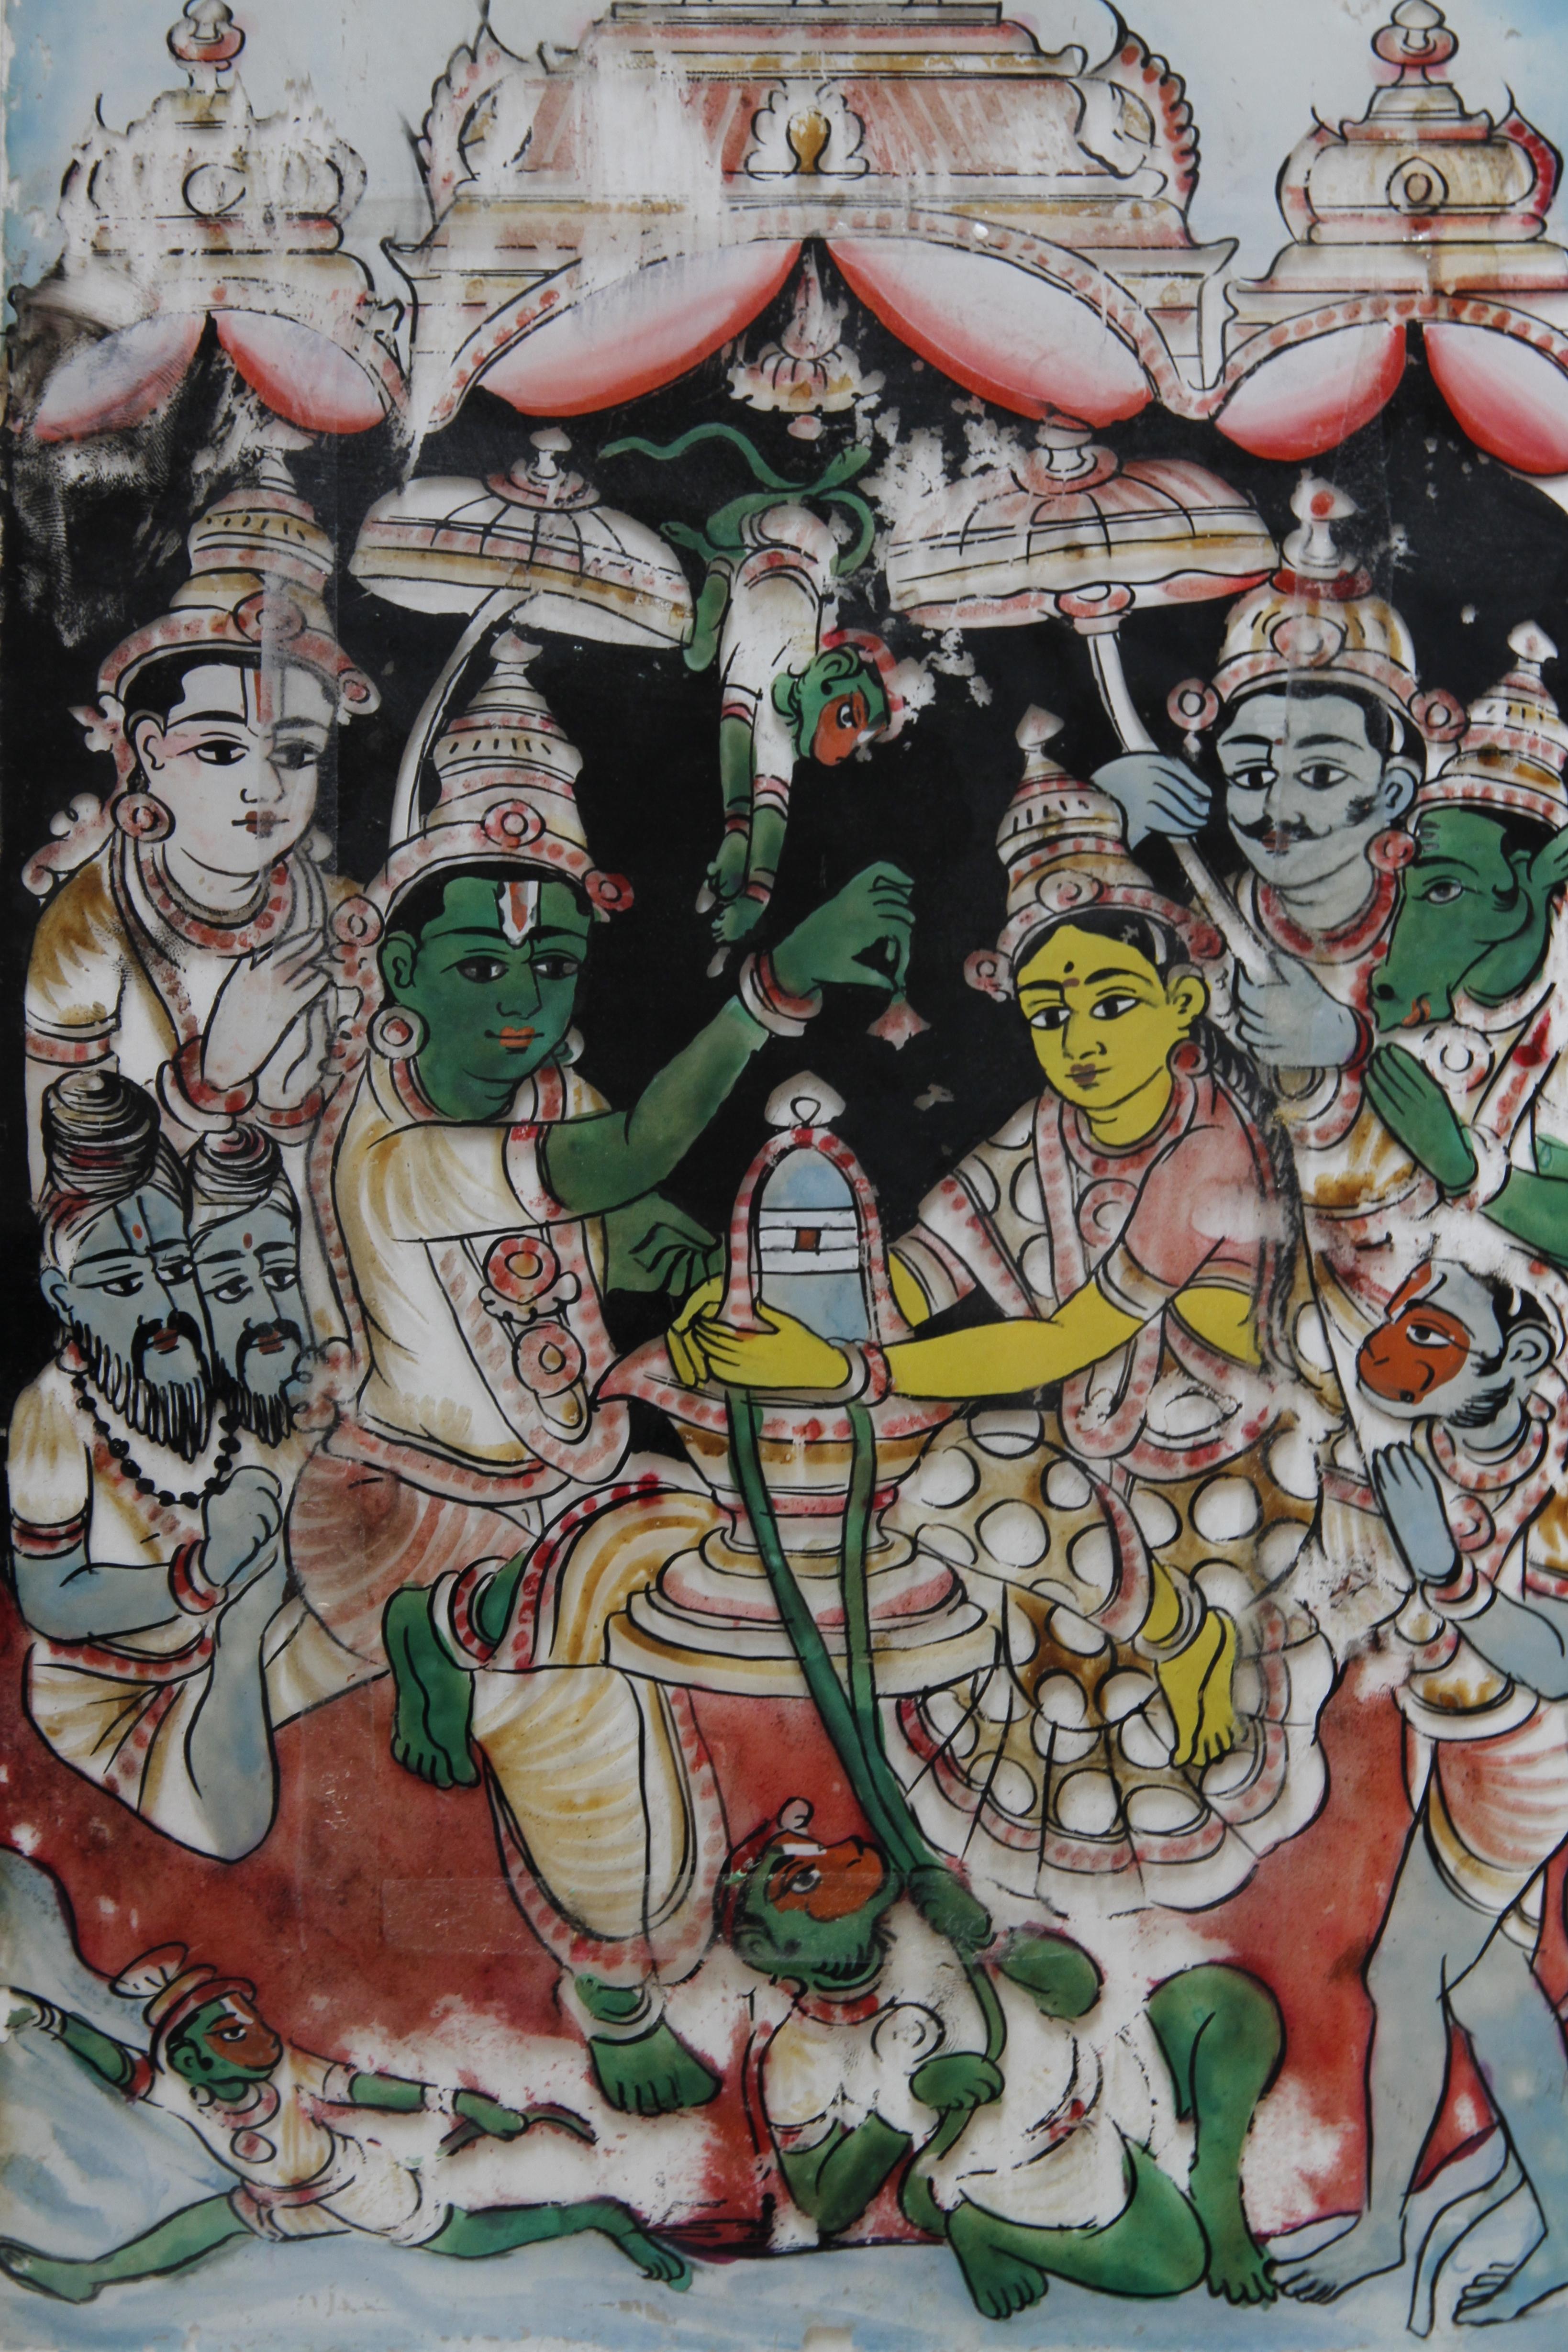 Puja shiva lingam peinture sur verre ashtanga yoga institute for Peinture sur verre